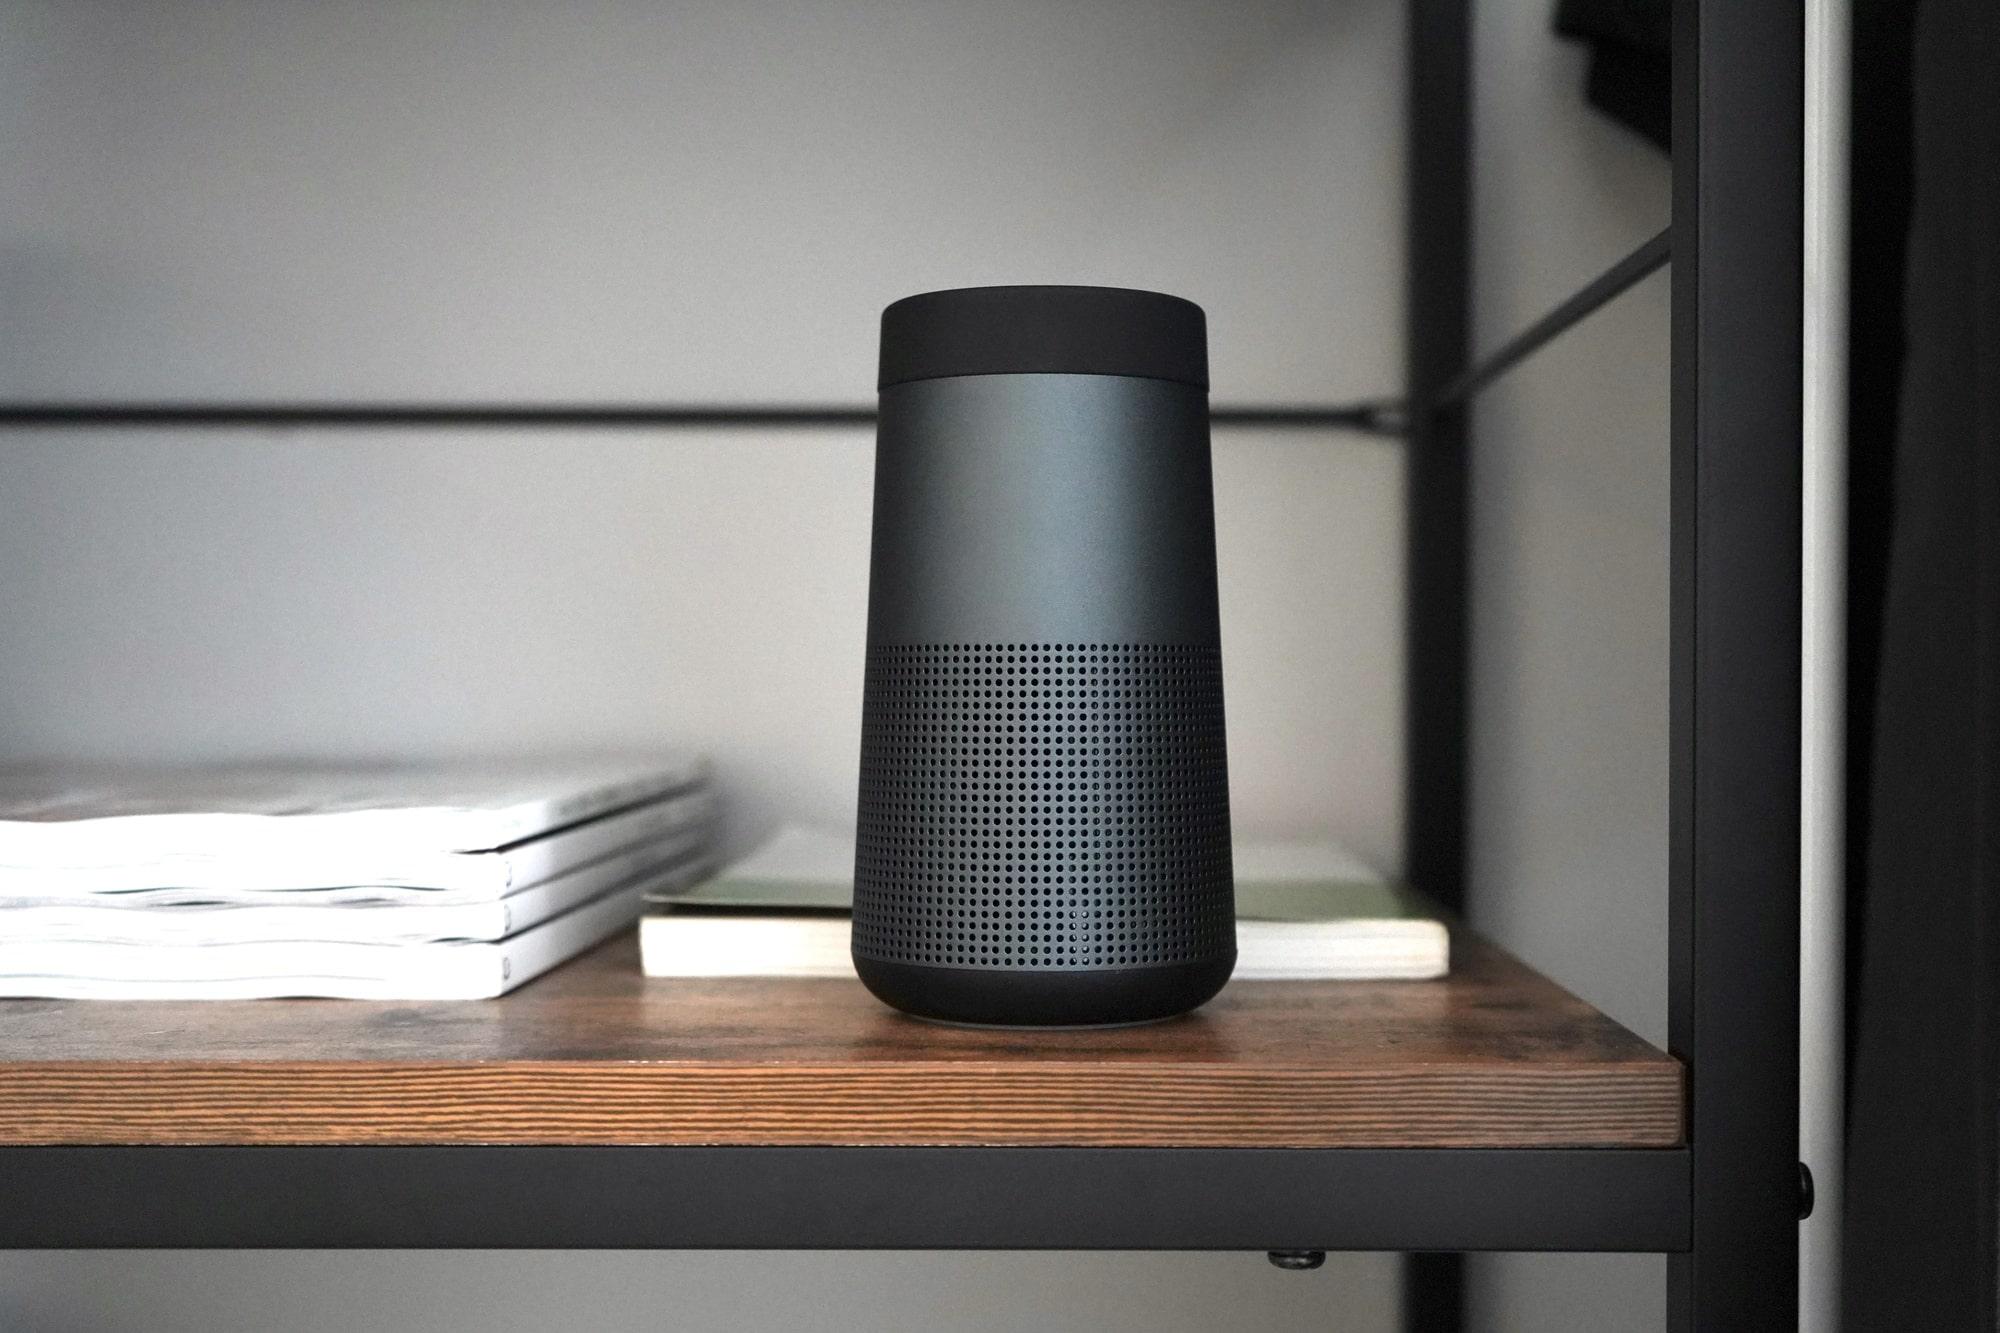 アウトドアでも使える!小型なのに臨場感あるサウンドの「BOSE SoundLink Revolve Bluetooth Speaker」がおすすめです